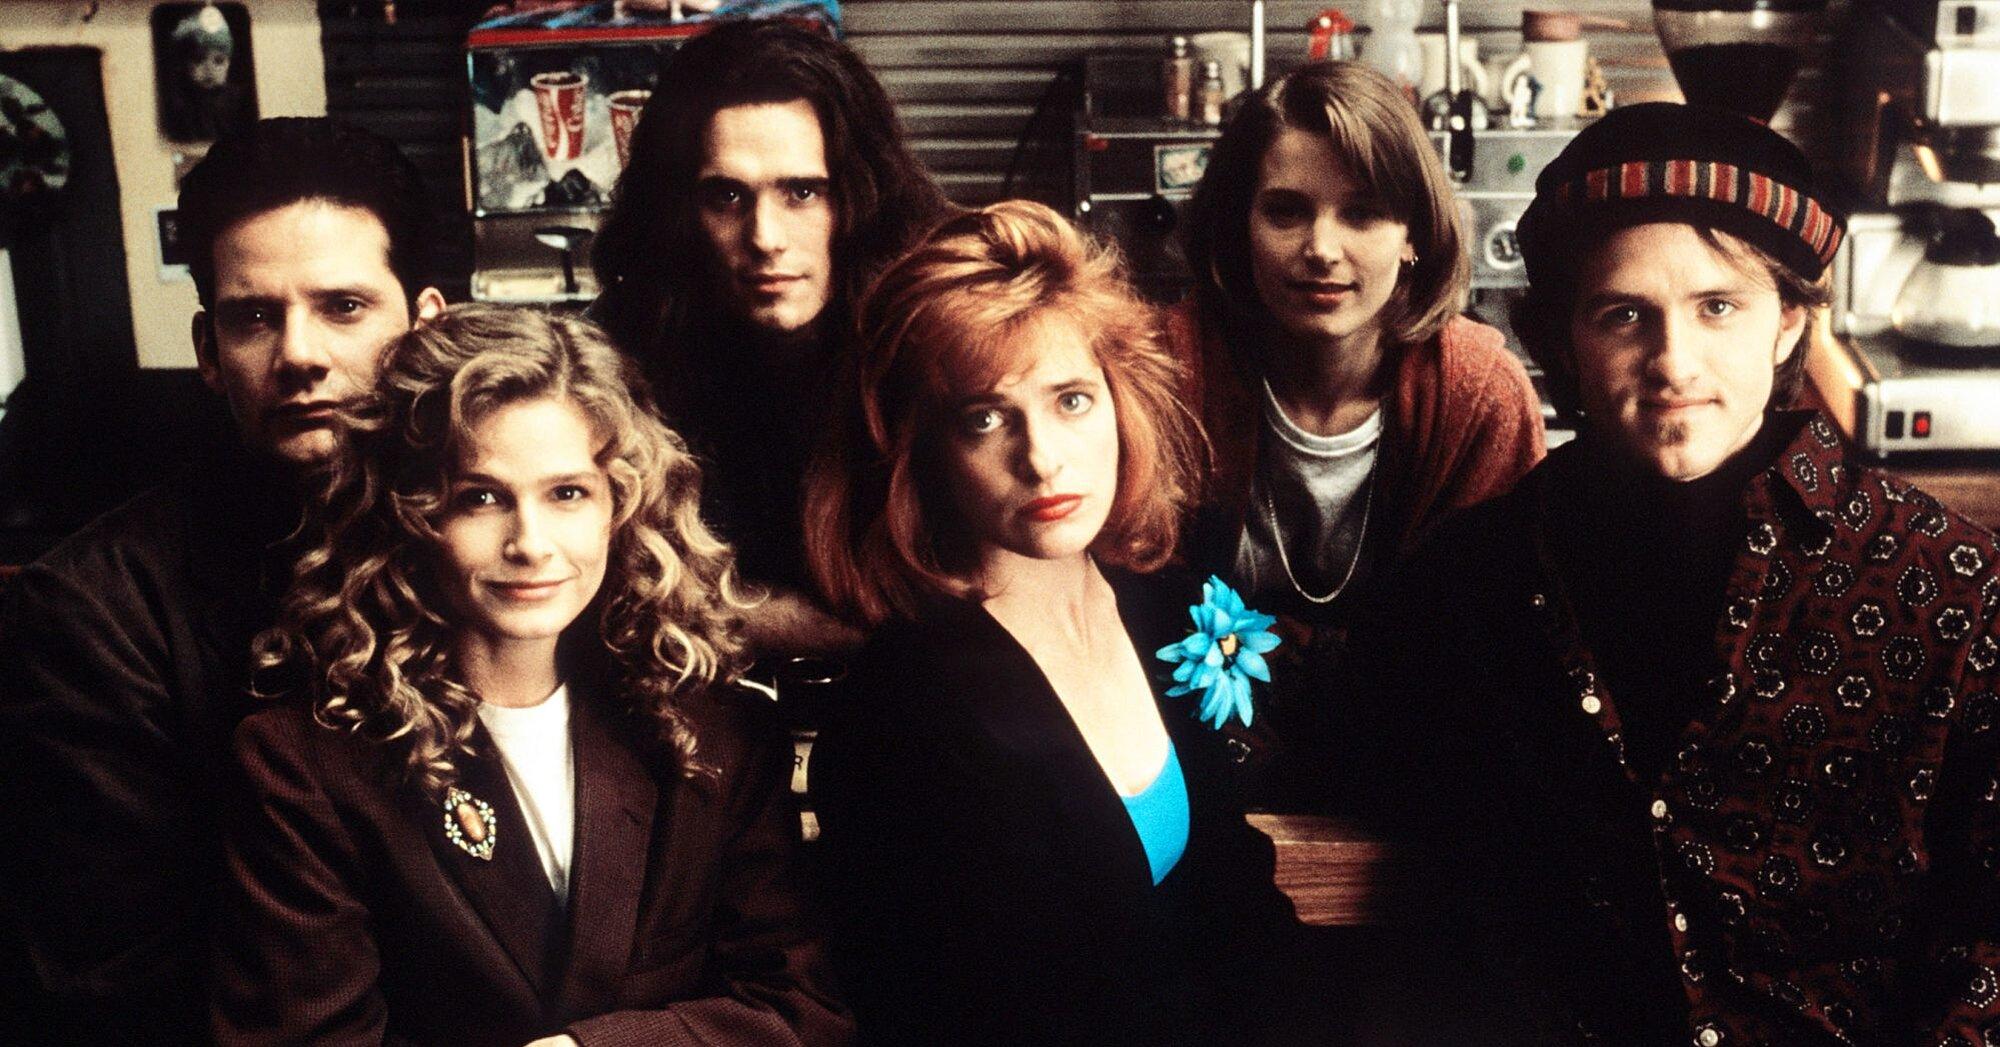 Singles movie cast: Where are they now? | EW.com